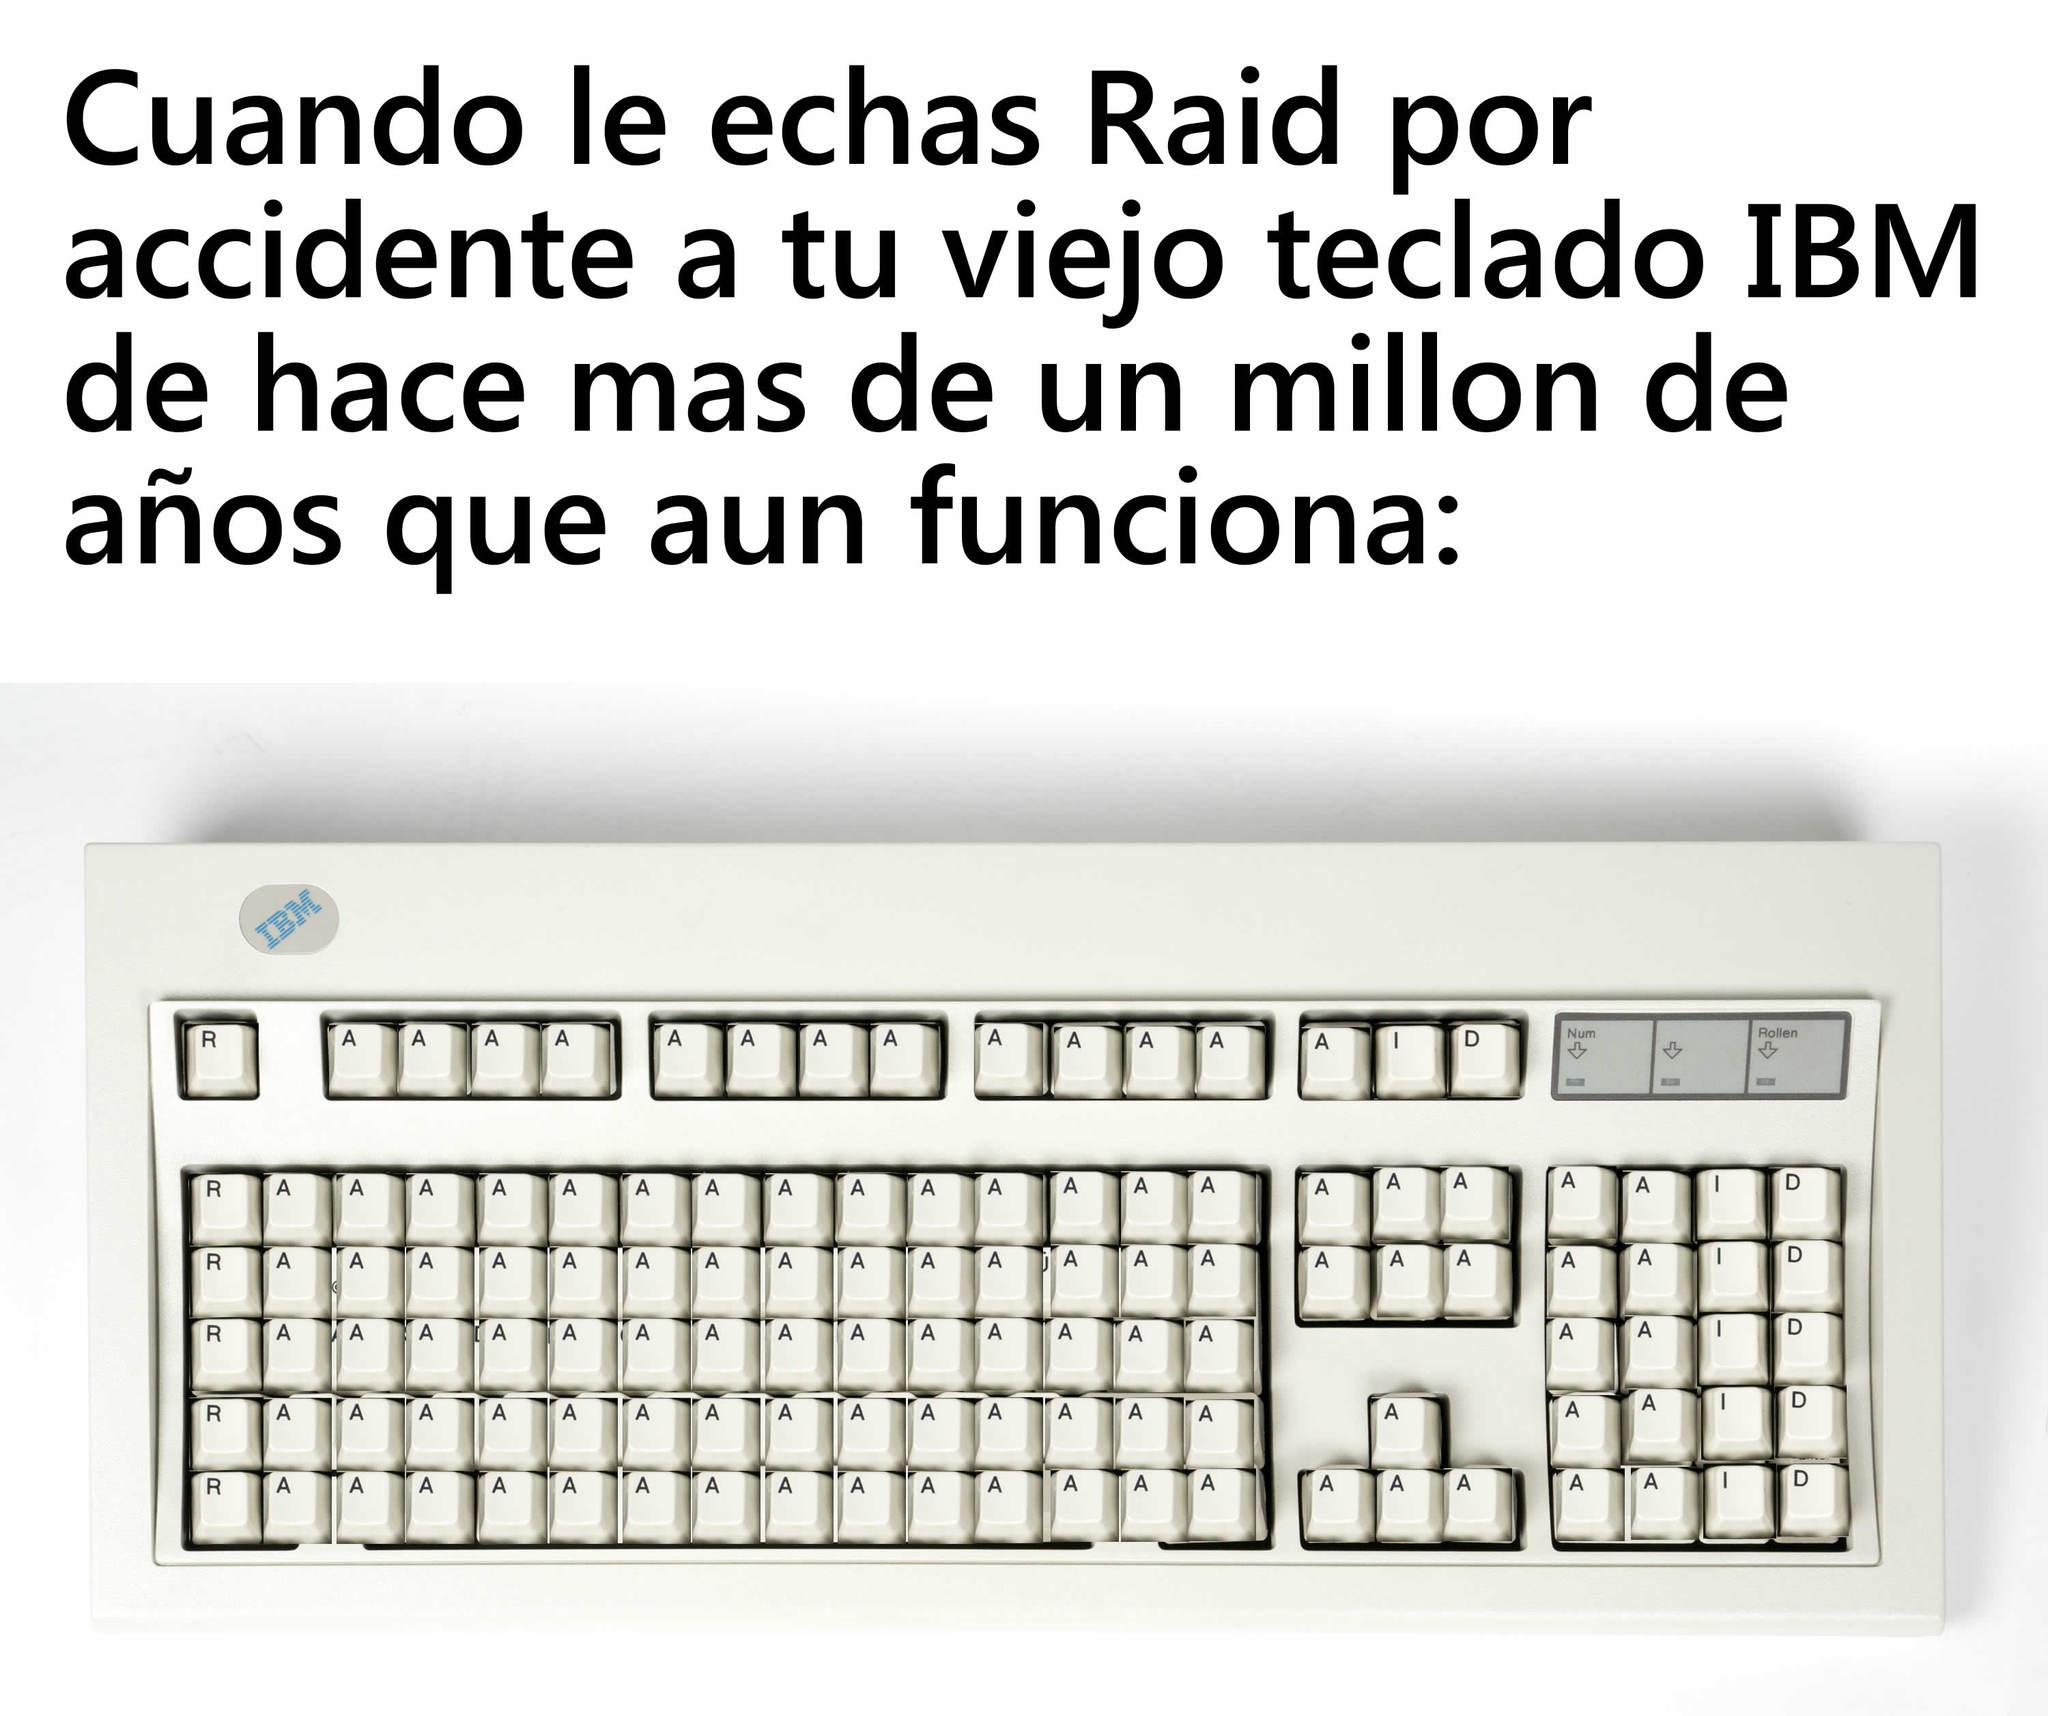 Mi primer meme del teclado IBM